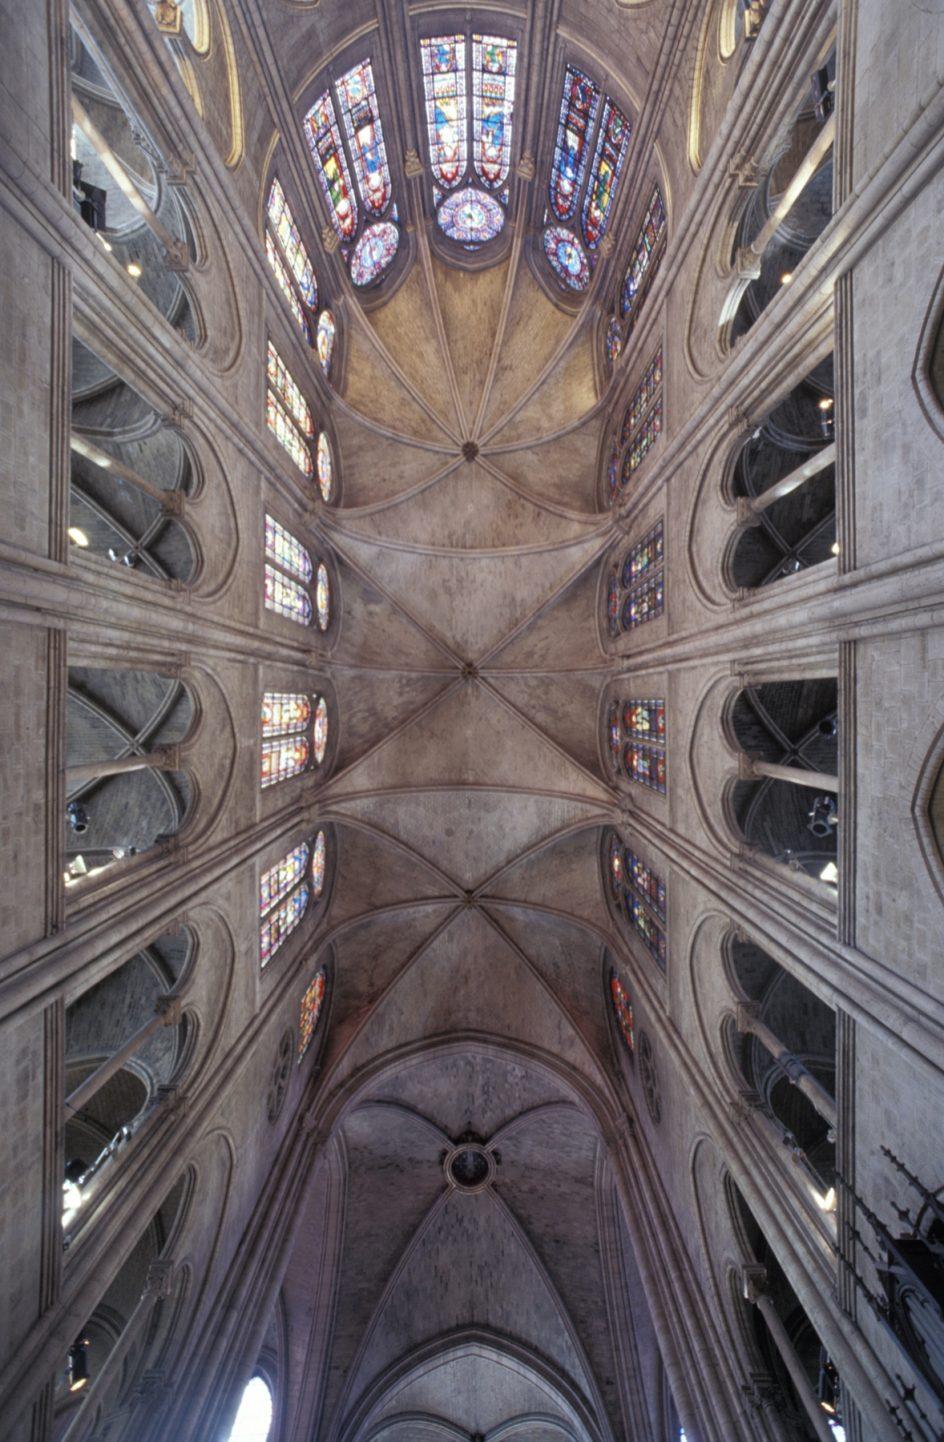 Bóveda de la nave central. Vista de la bóveda de crucería de la nave central de Notre Dame y las vidrieras de la girola de la iglesia más famosa de París.